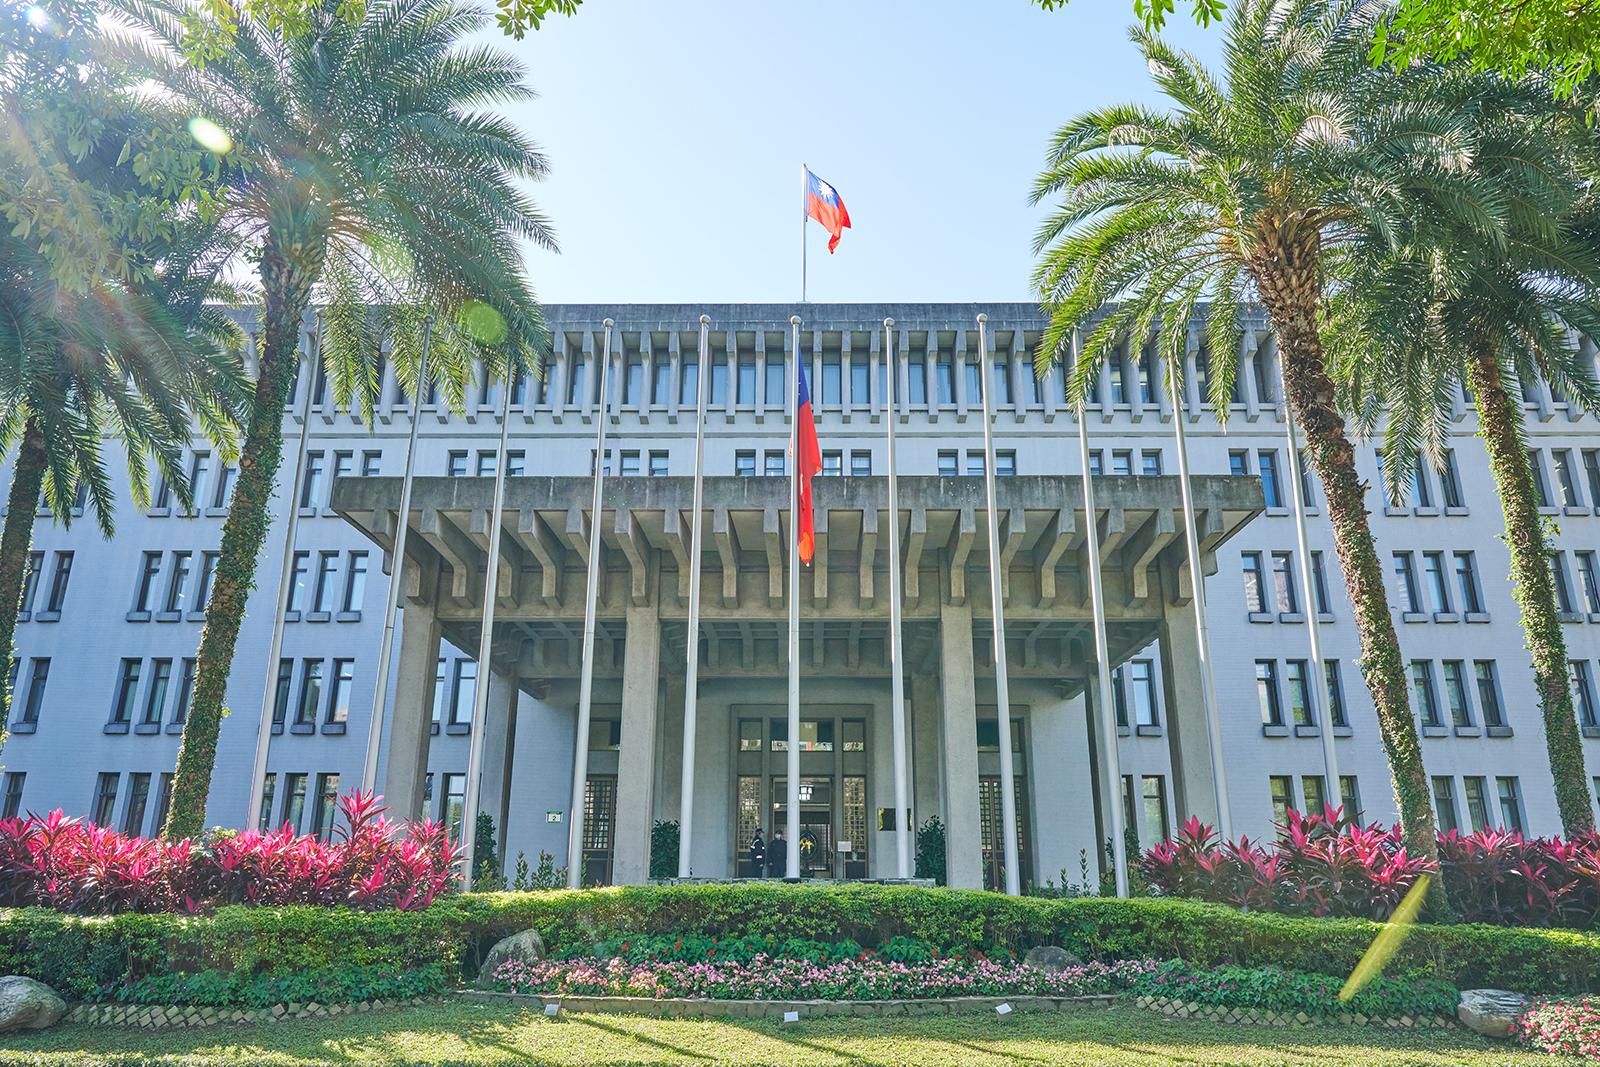 2021年4月12日,台灣外交部證實,美國前國務卿蓬佩奧或今年訪台。(鍾廣政攝)